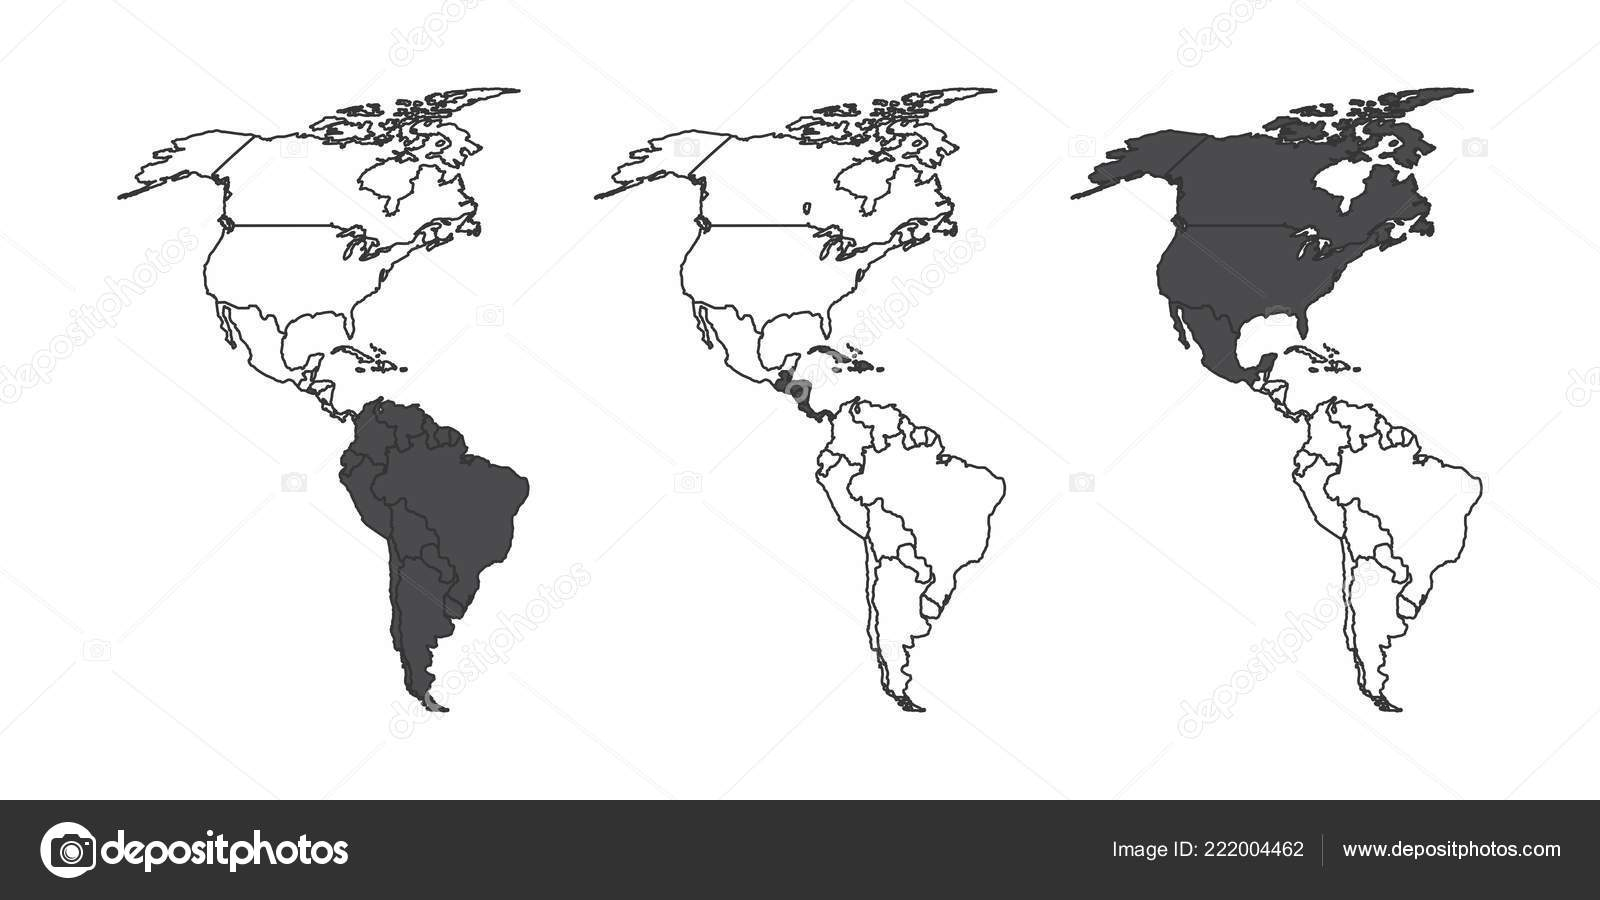 Carte Amerique Du Sud Jeu.Jeu Cartes Continent Americain Avec Sud Central Amerique